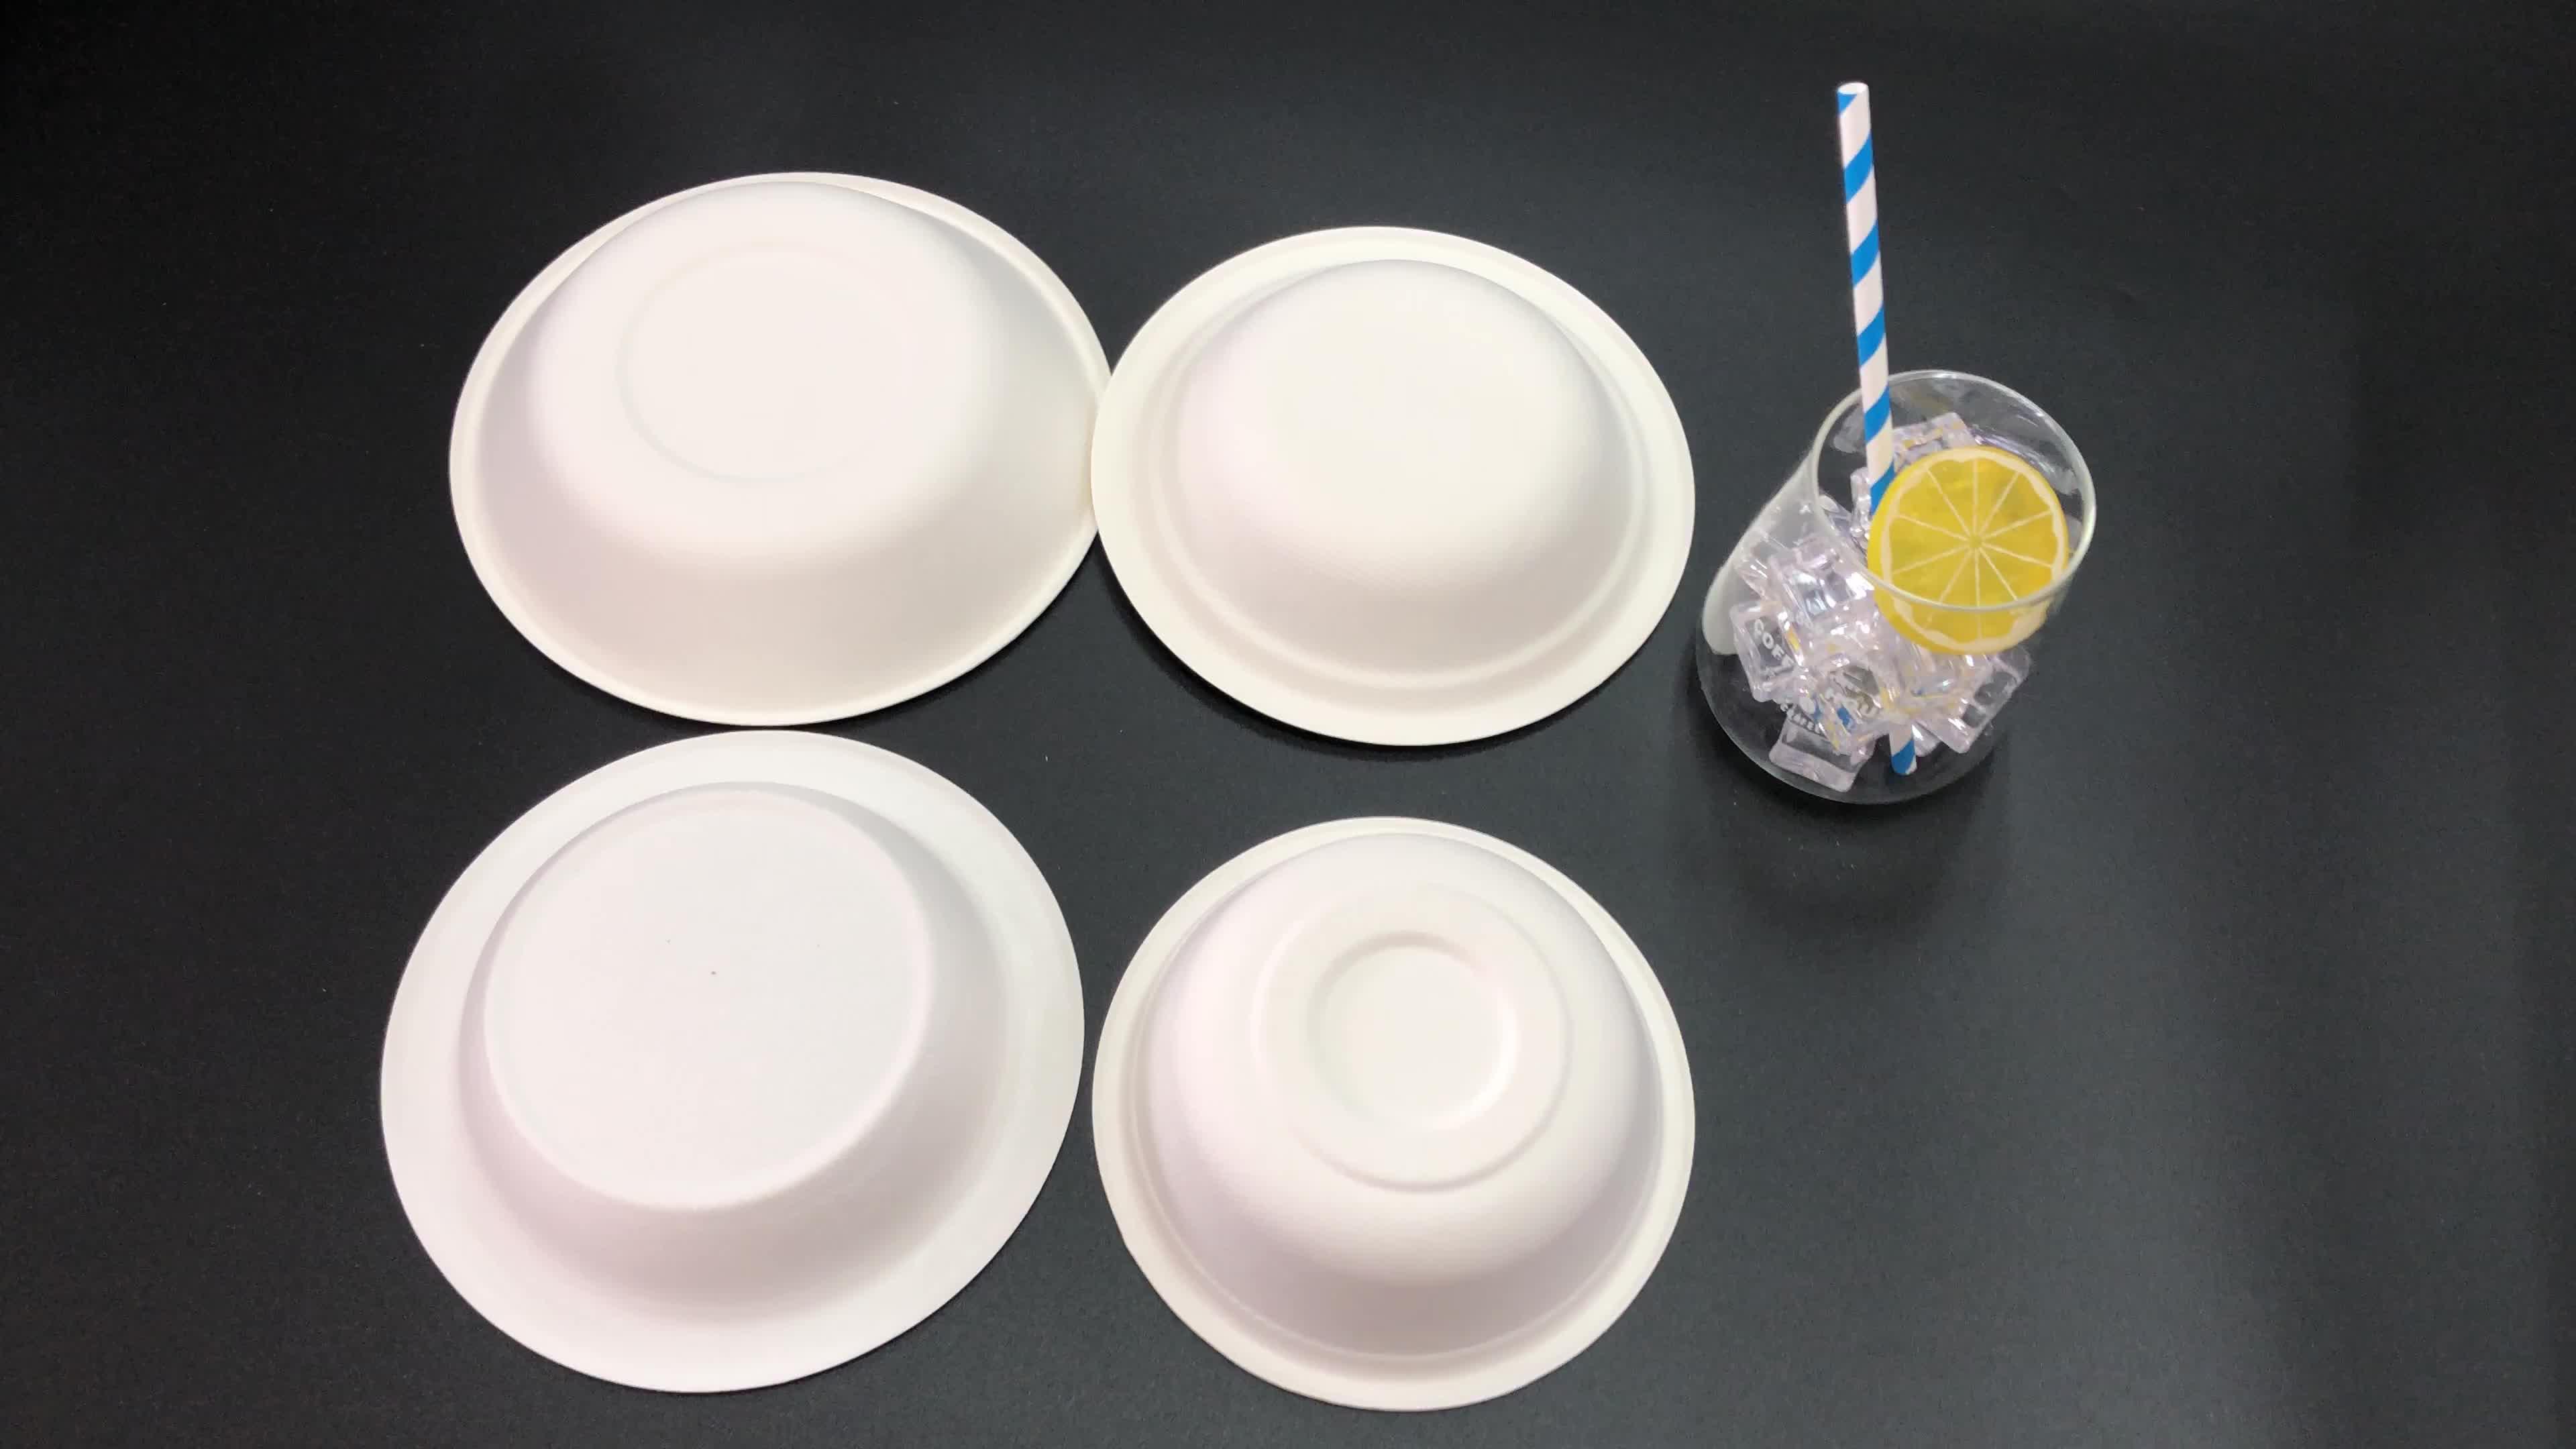 سماد المتاح الميكروويف آمنة سلطة السلطانيات تفل قصب السكر السلطانيات أدوات مائدة هشة عاء ل الطعام الساخن